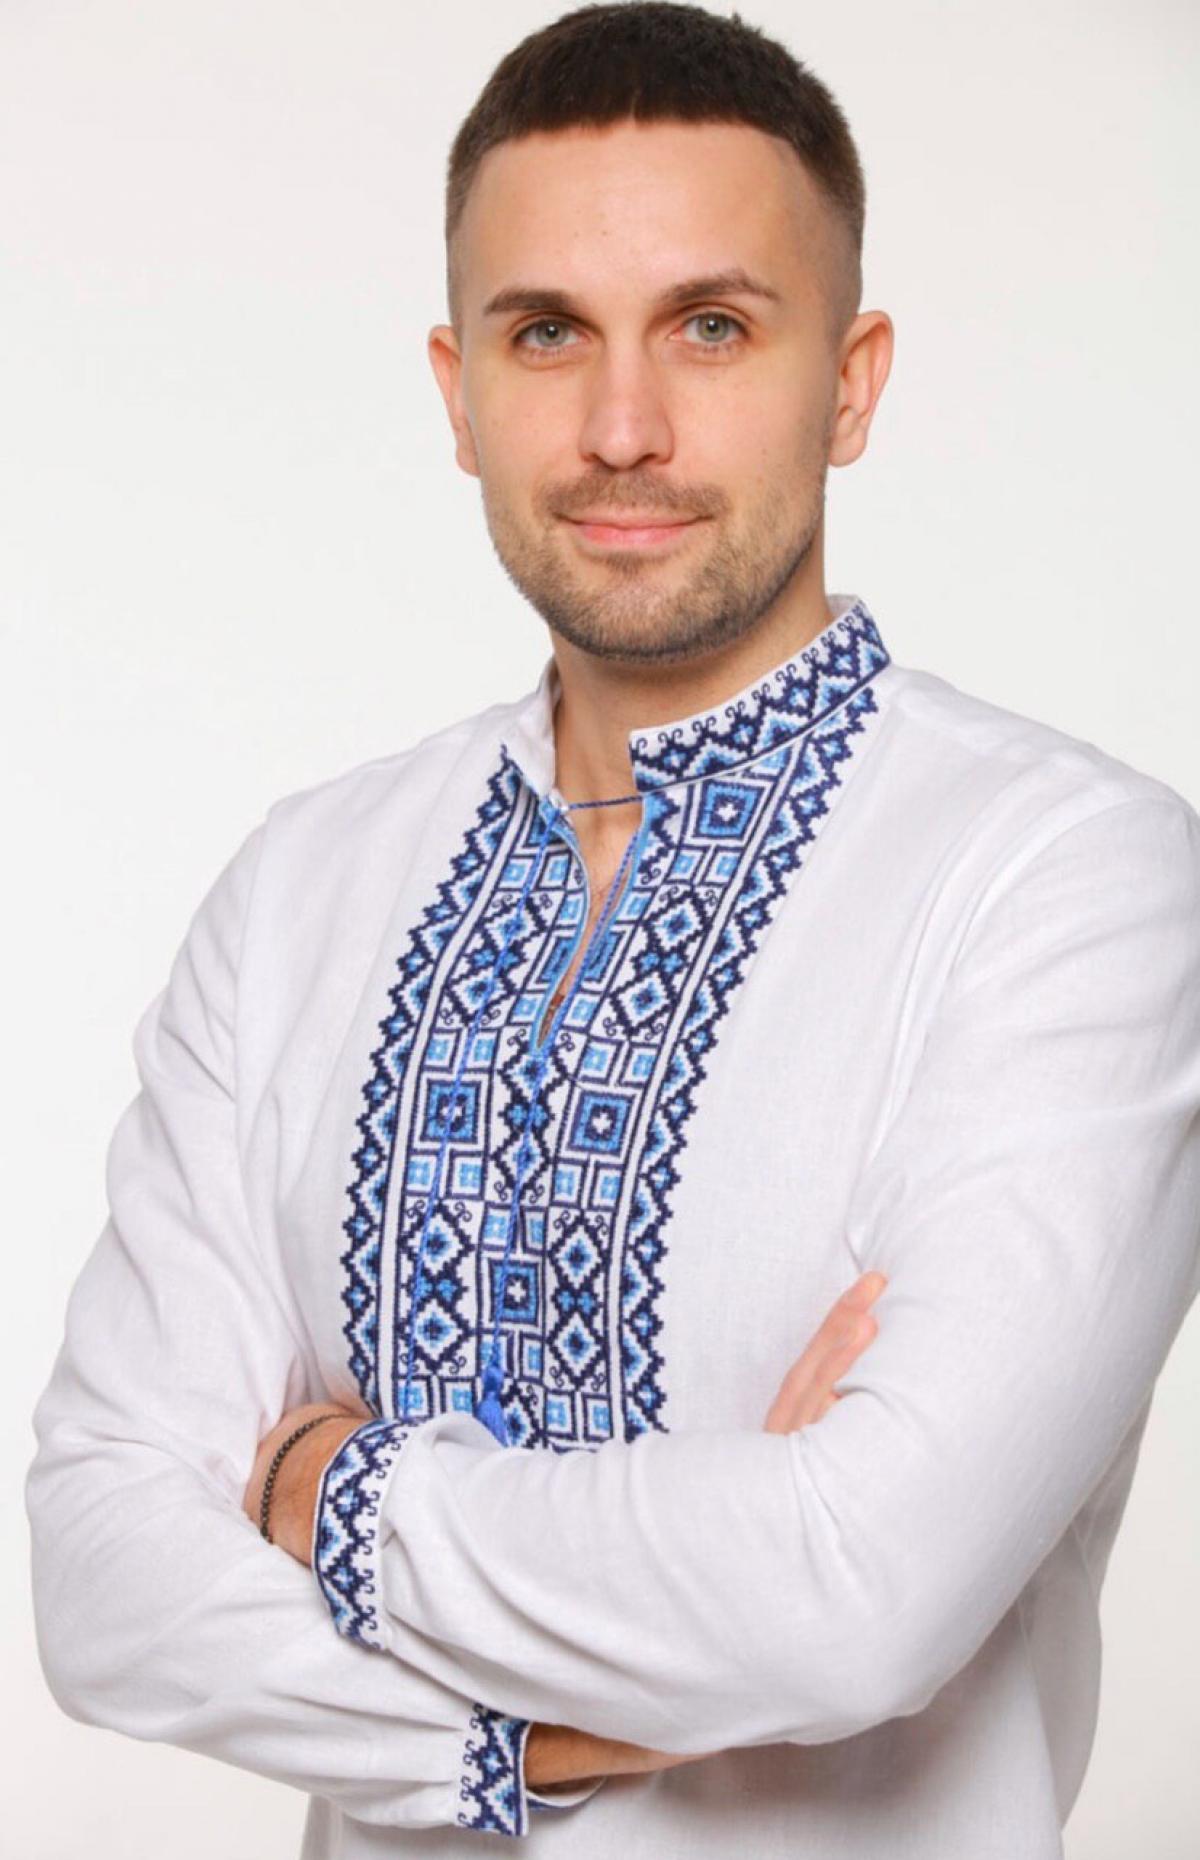 Біла чоловіча вишиванка синьою вишивкою. Фото №1. | Народний дім Україна